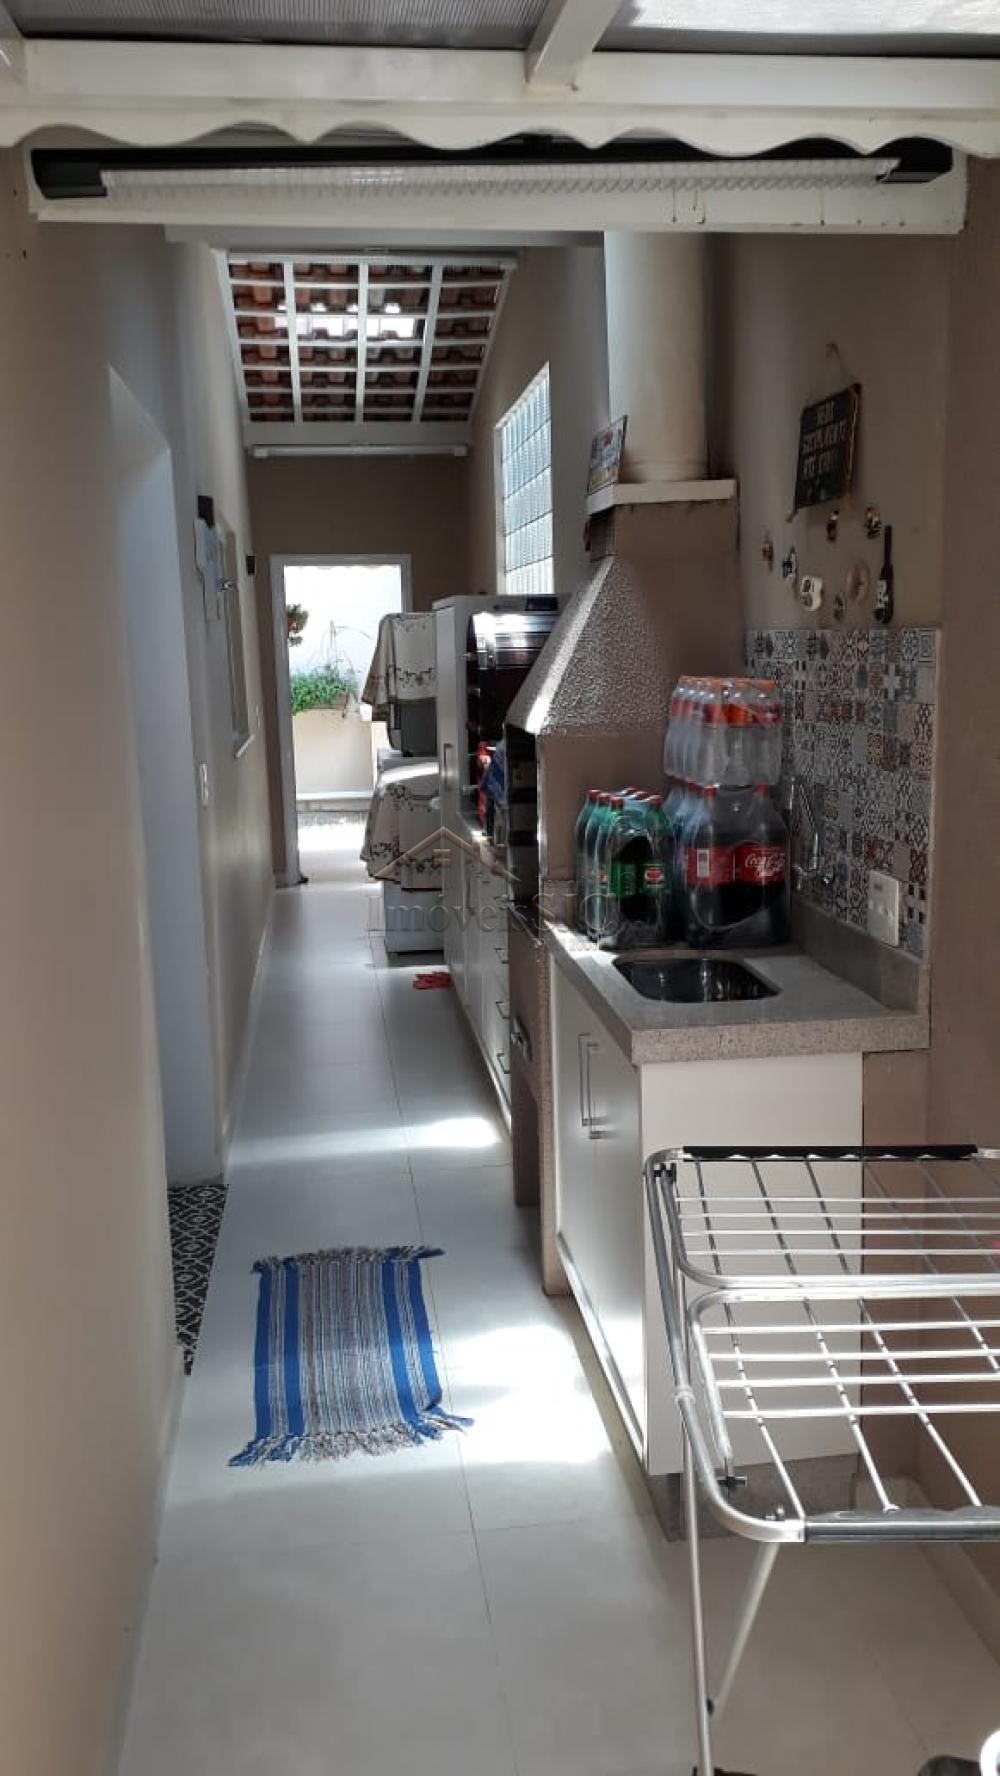 Comprar Casas / Condomínio em São José dos Campos apenas R$ 795.000,00 - Foto 16